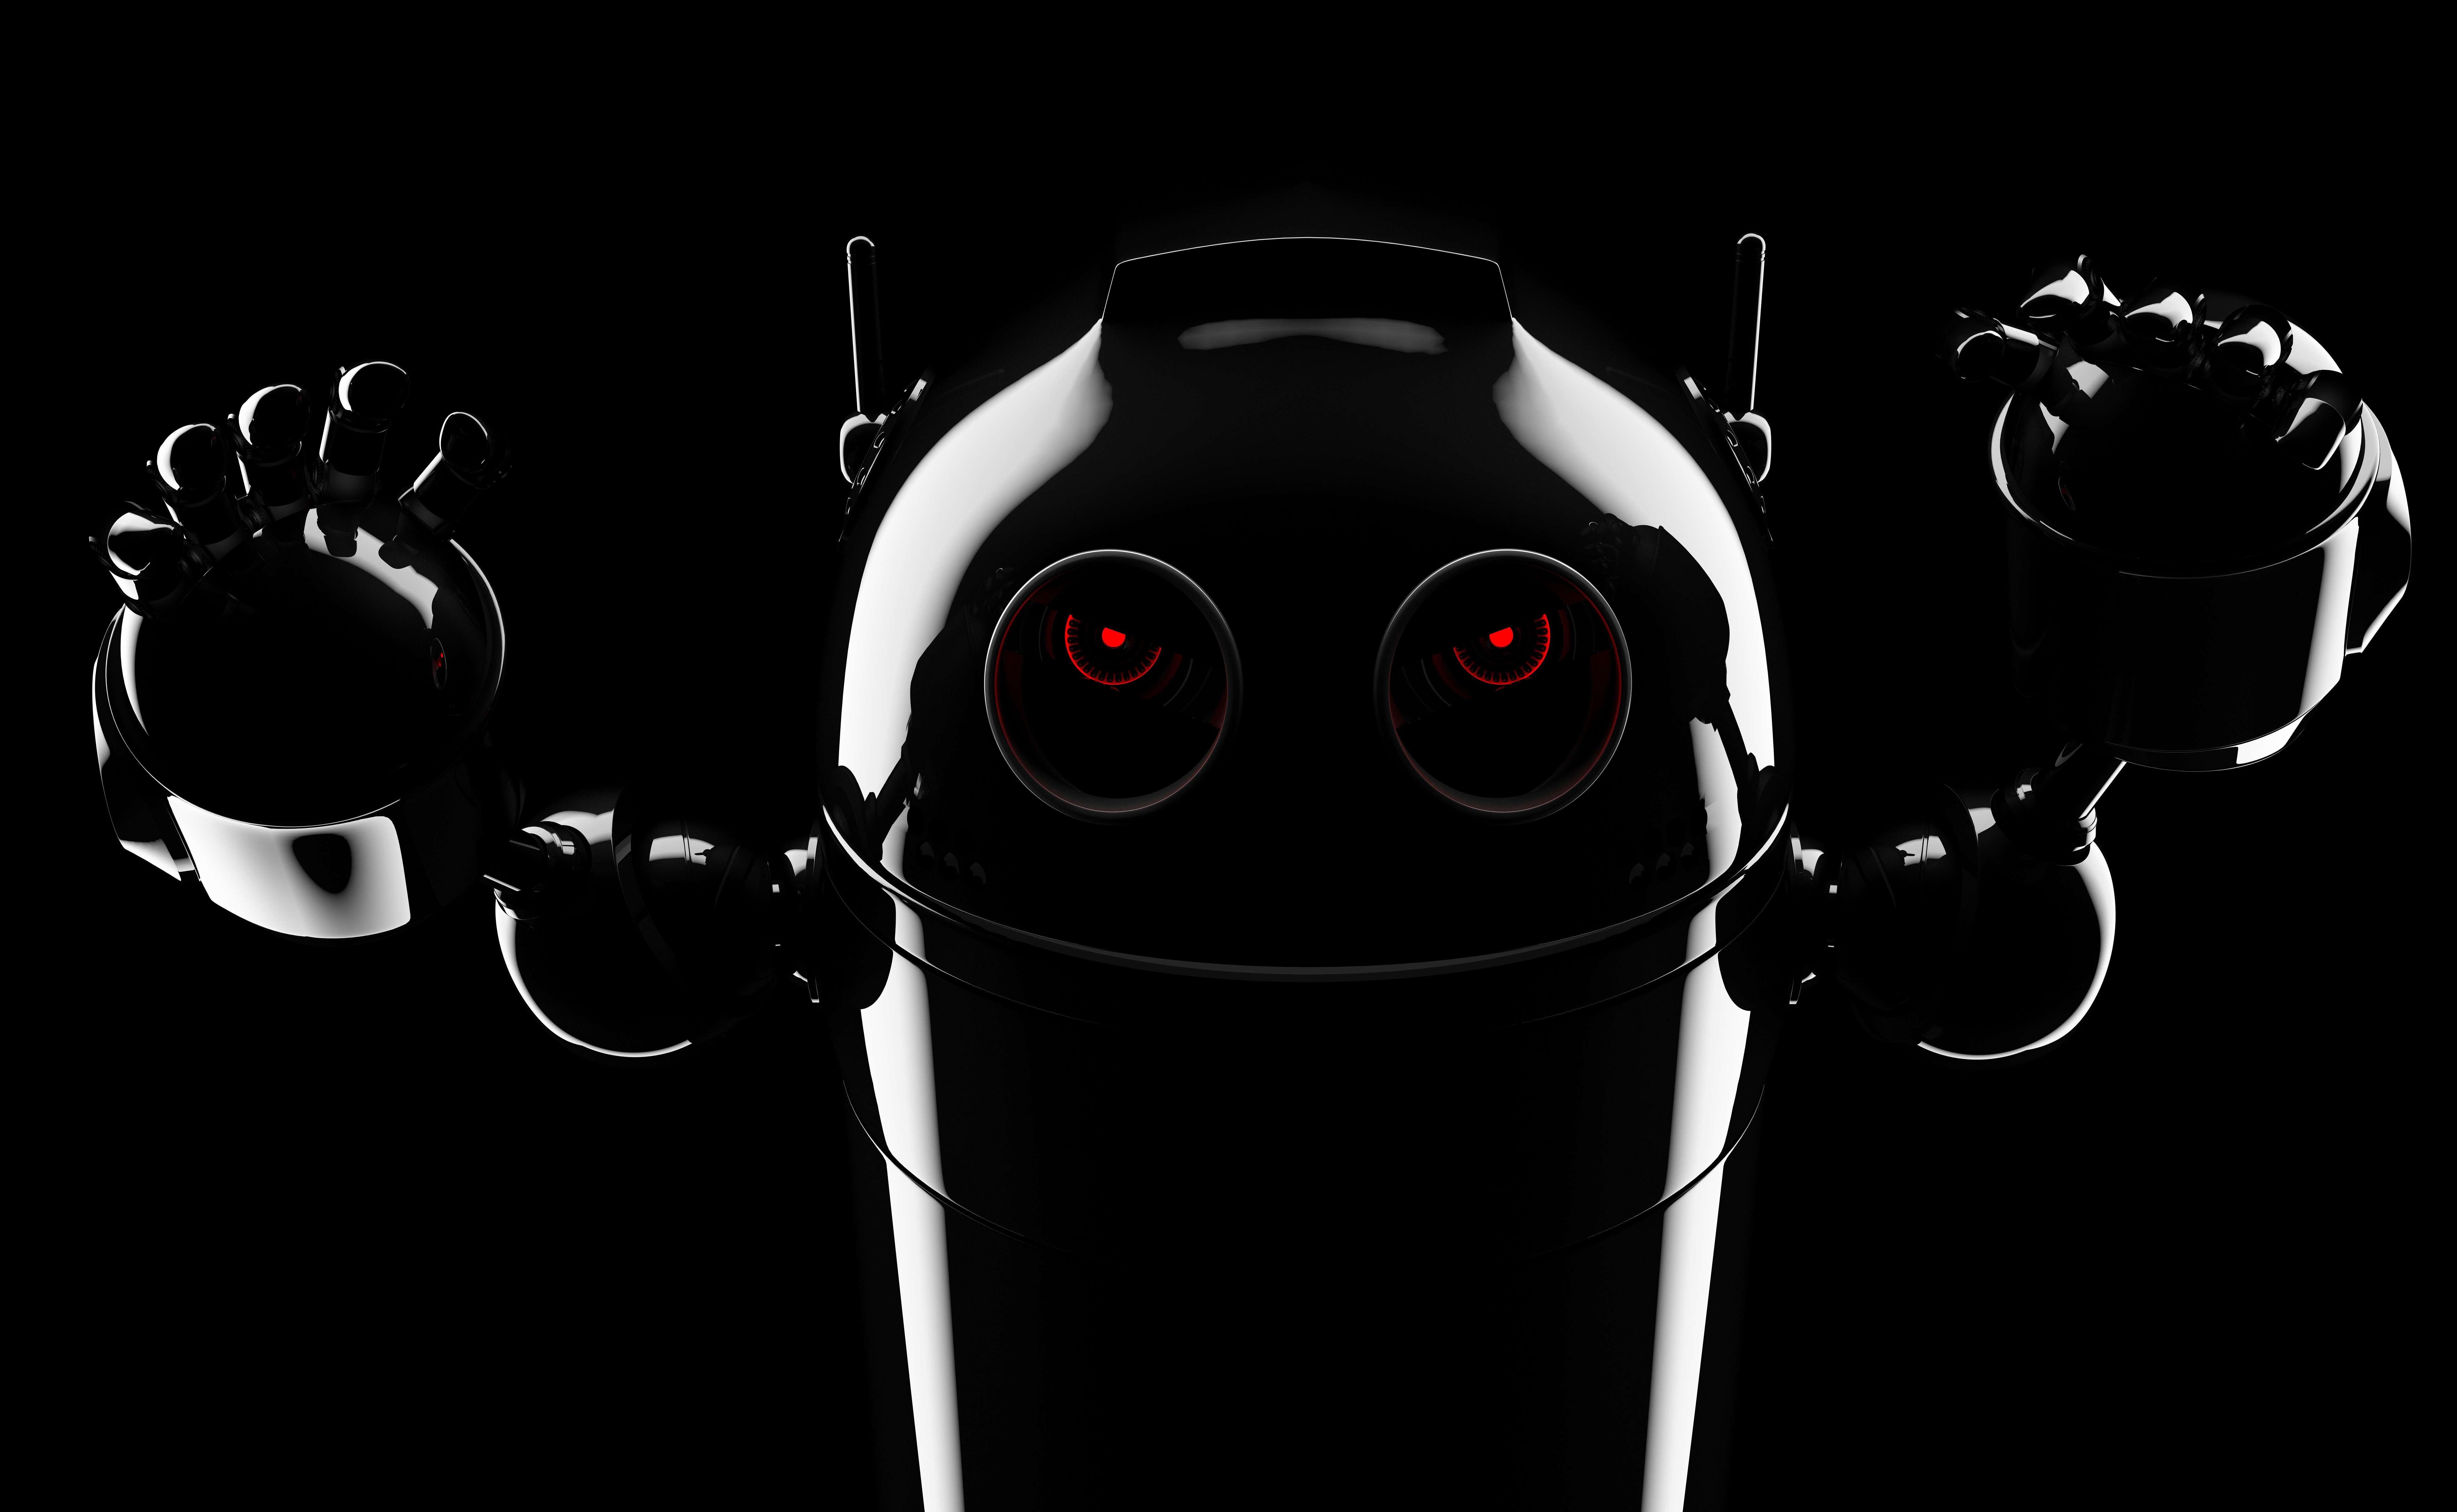 Evil angry robot